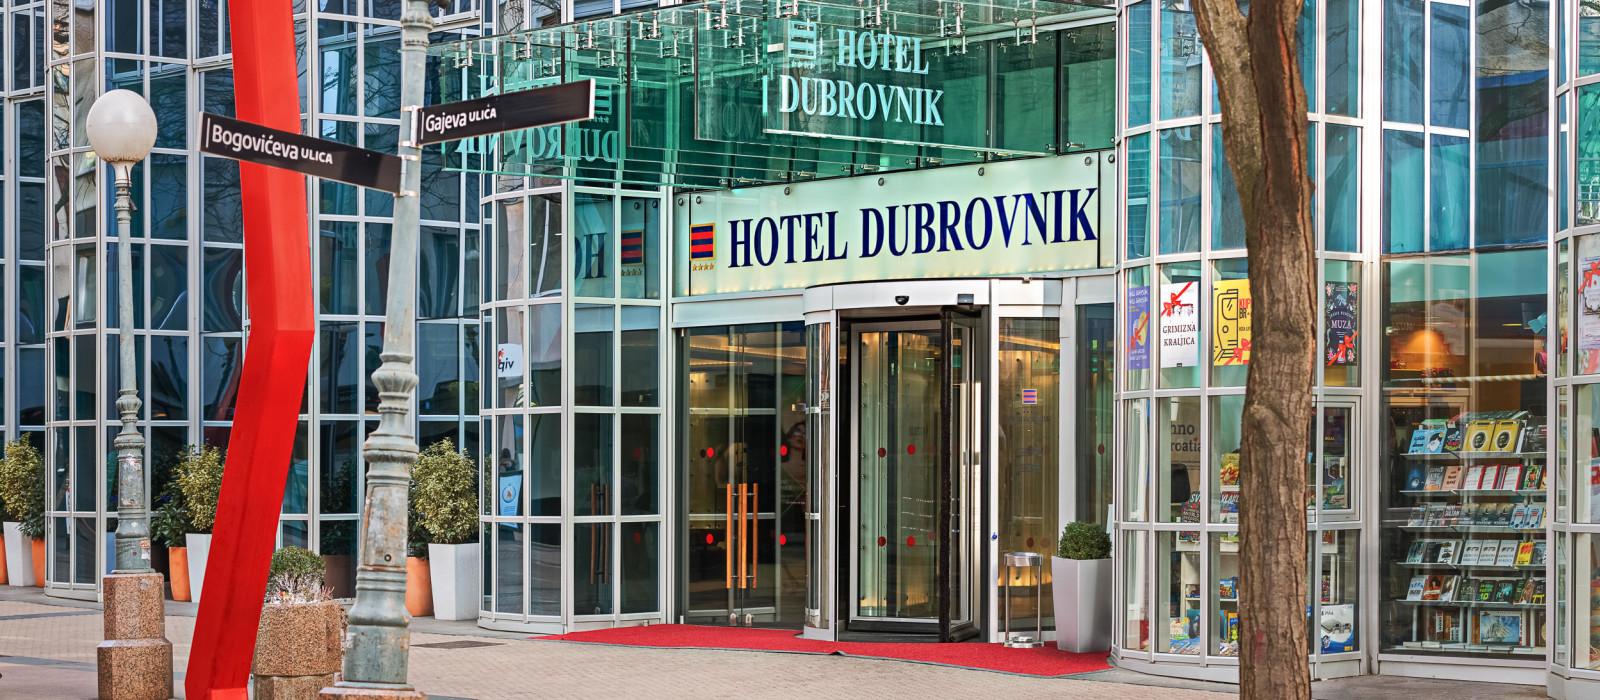 Hotel  Dubrovnik Kroatien & Slowenien